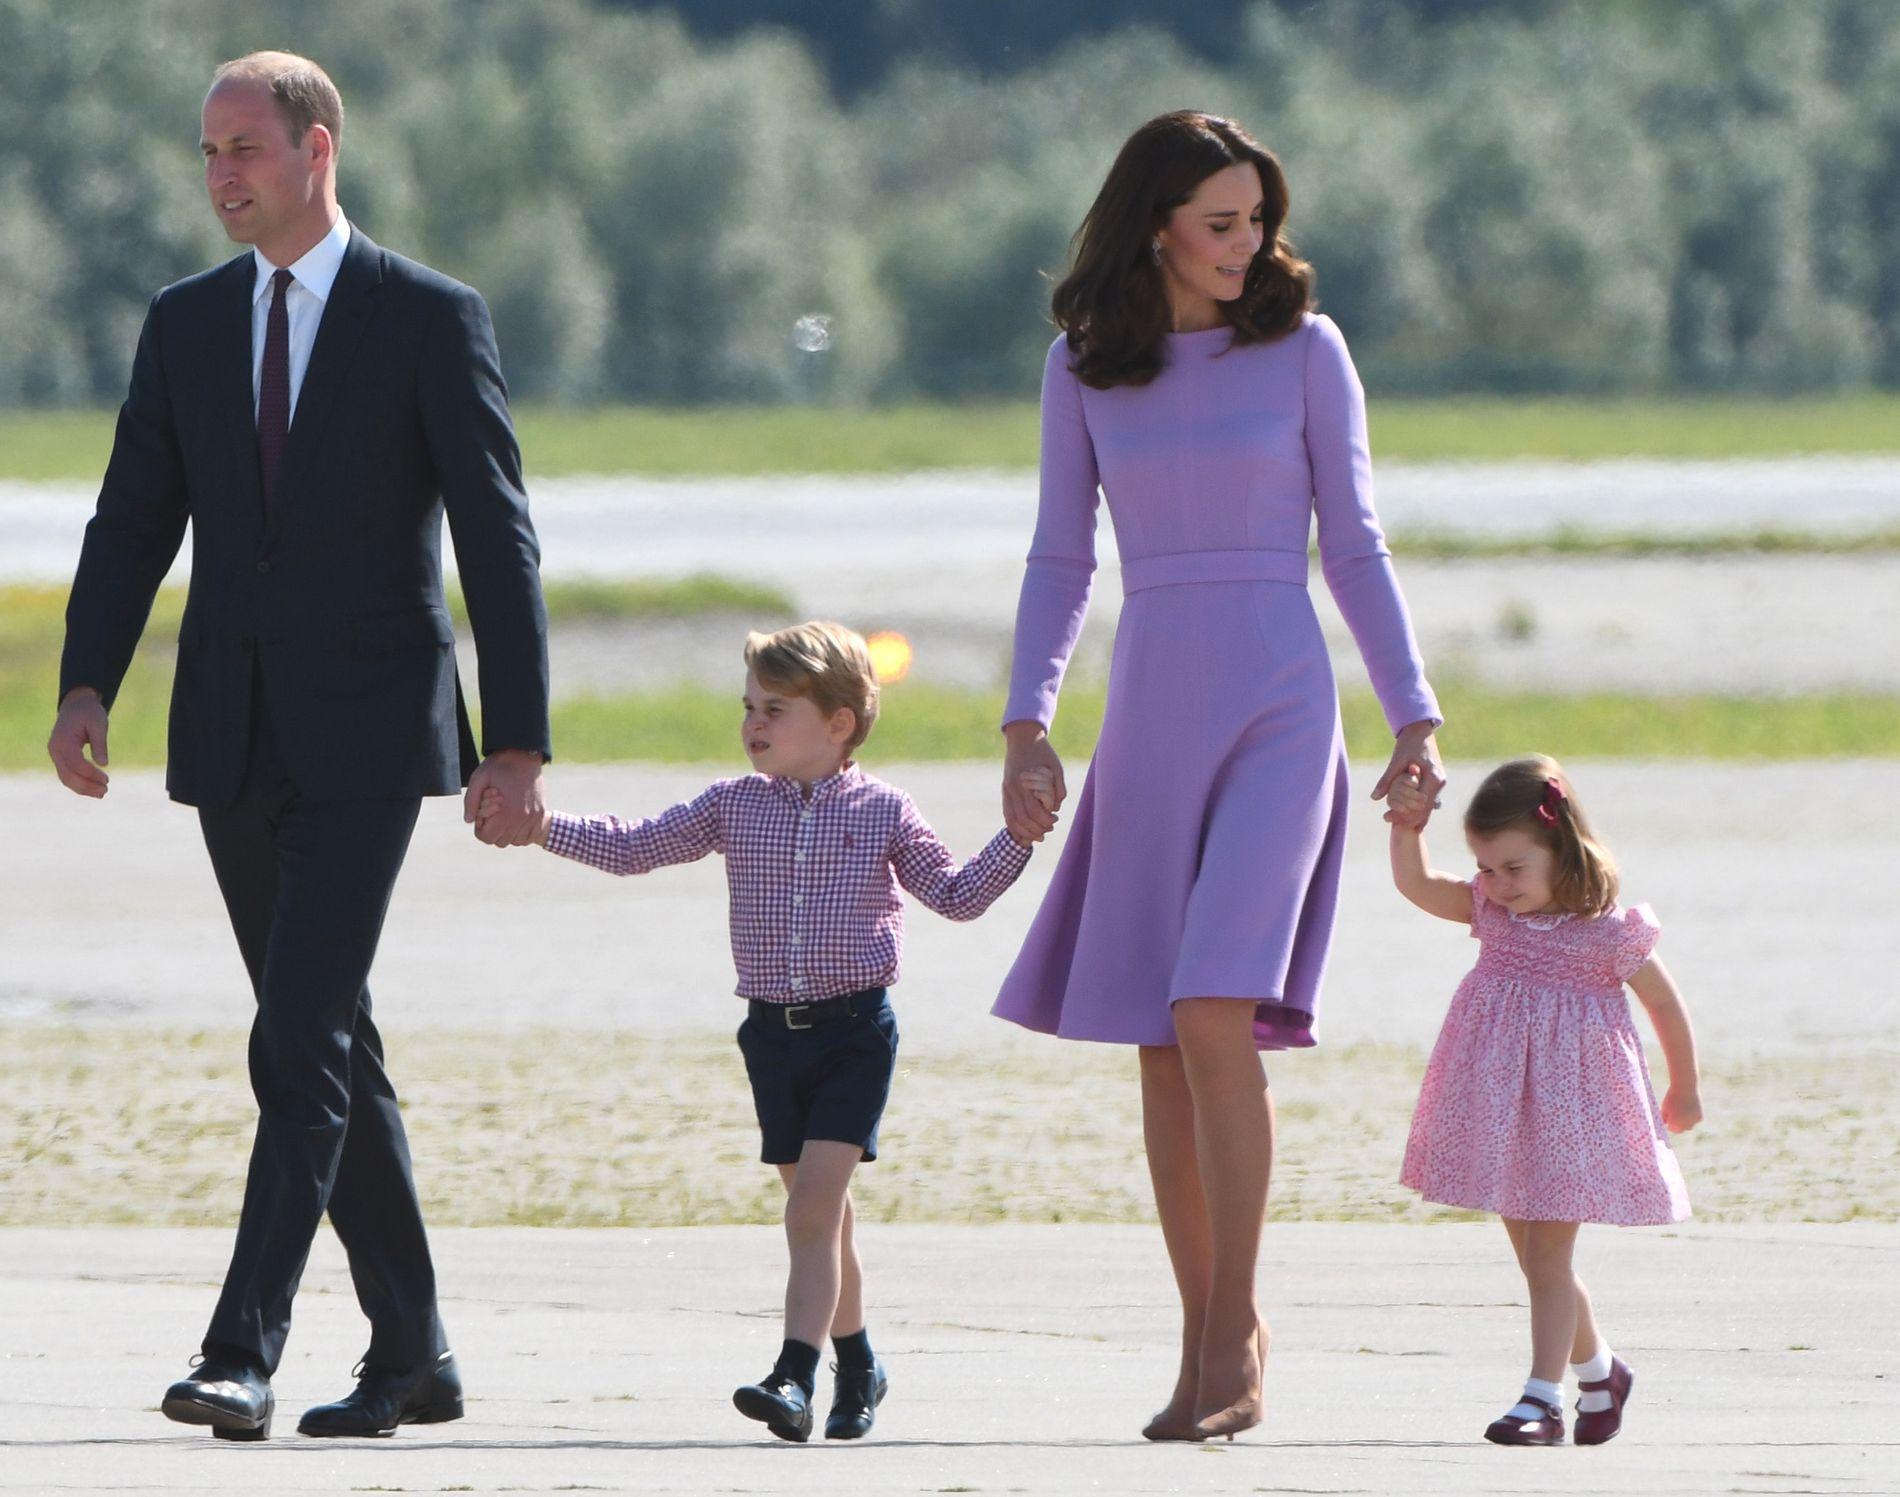 UTEN MAMMA OG PAPPA: Lørdag skal lille prins George og prinsesse Charlotte gå opp kirkegulvet med Meghan Markle.